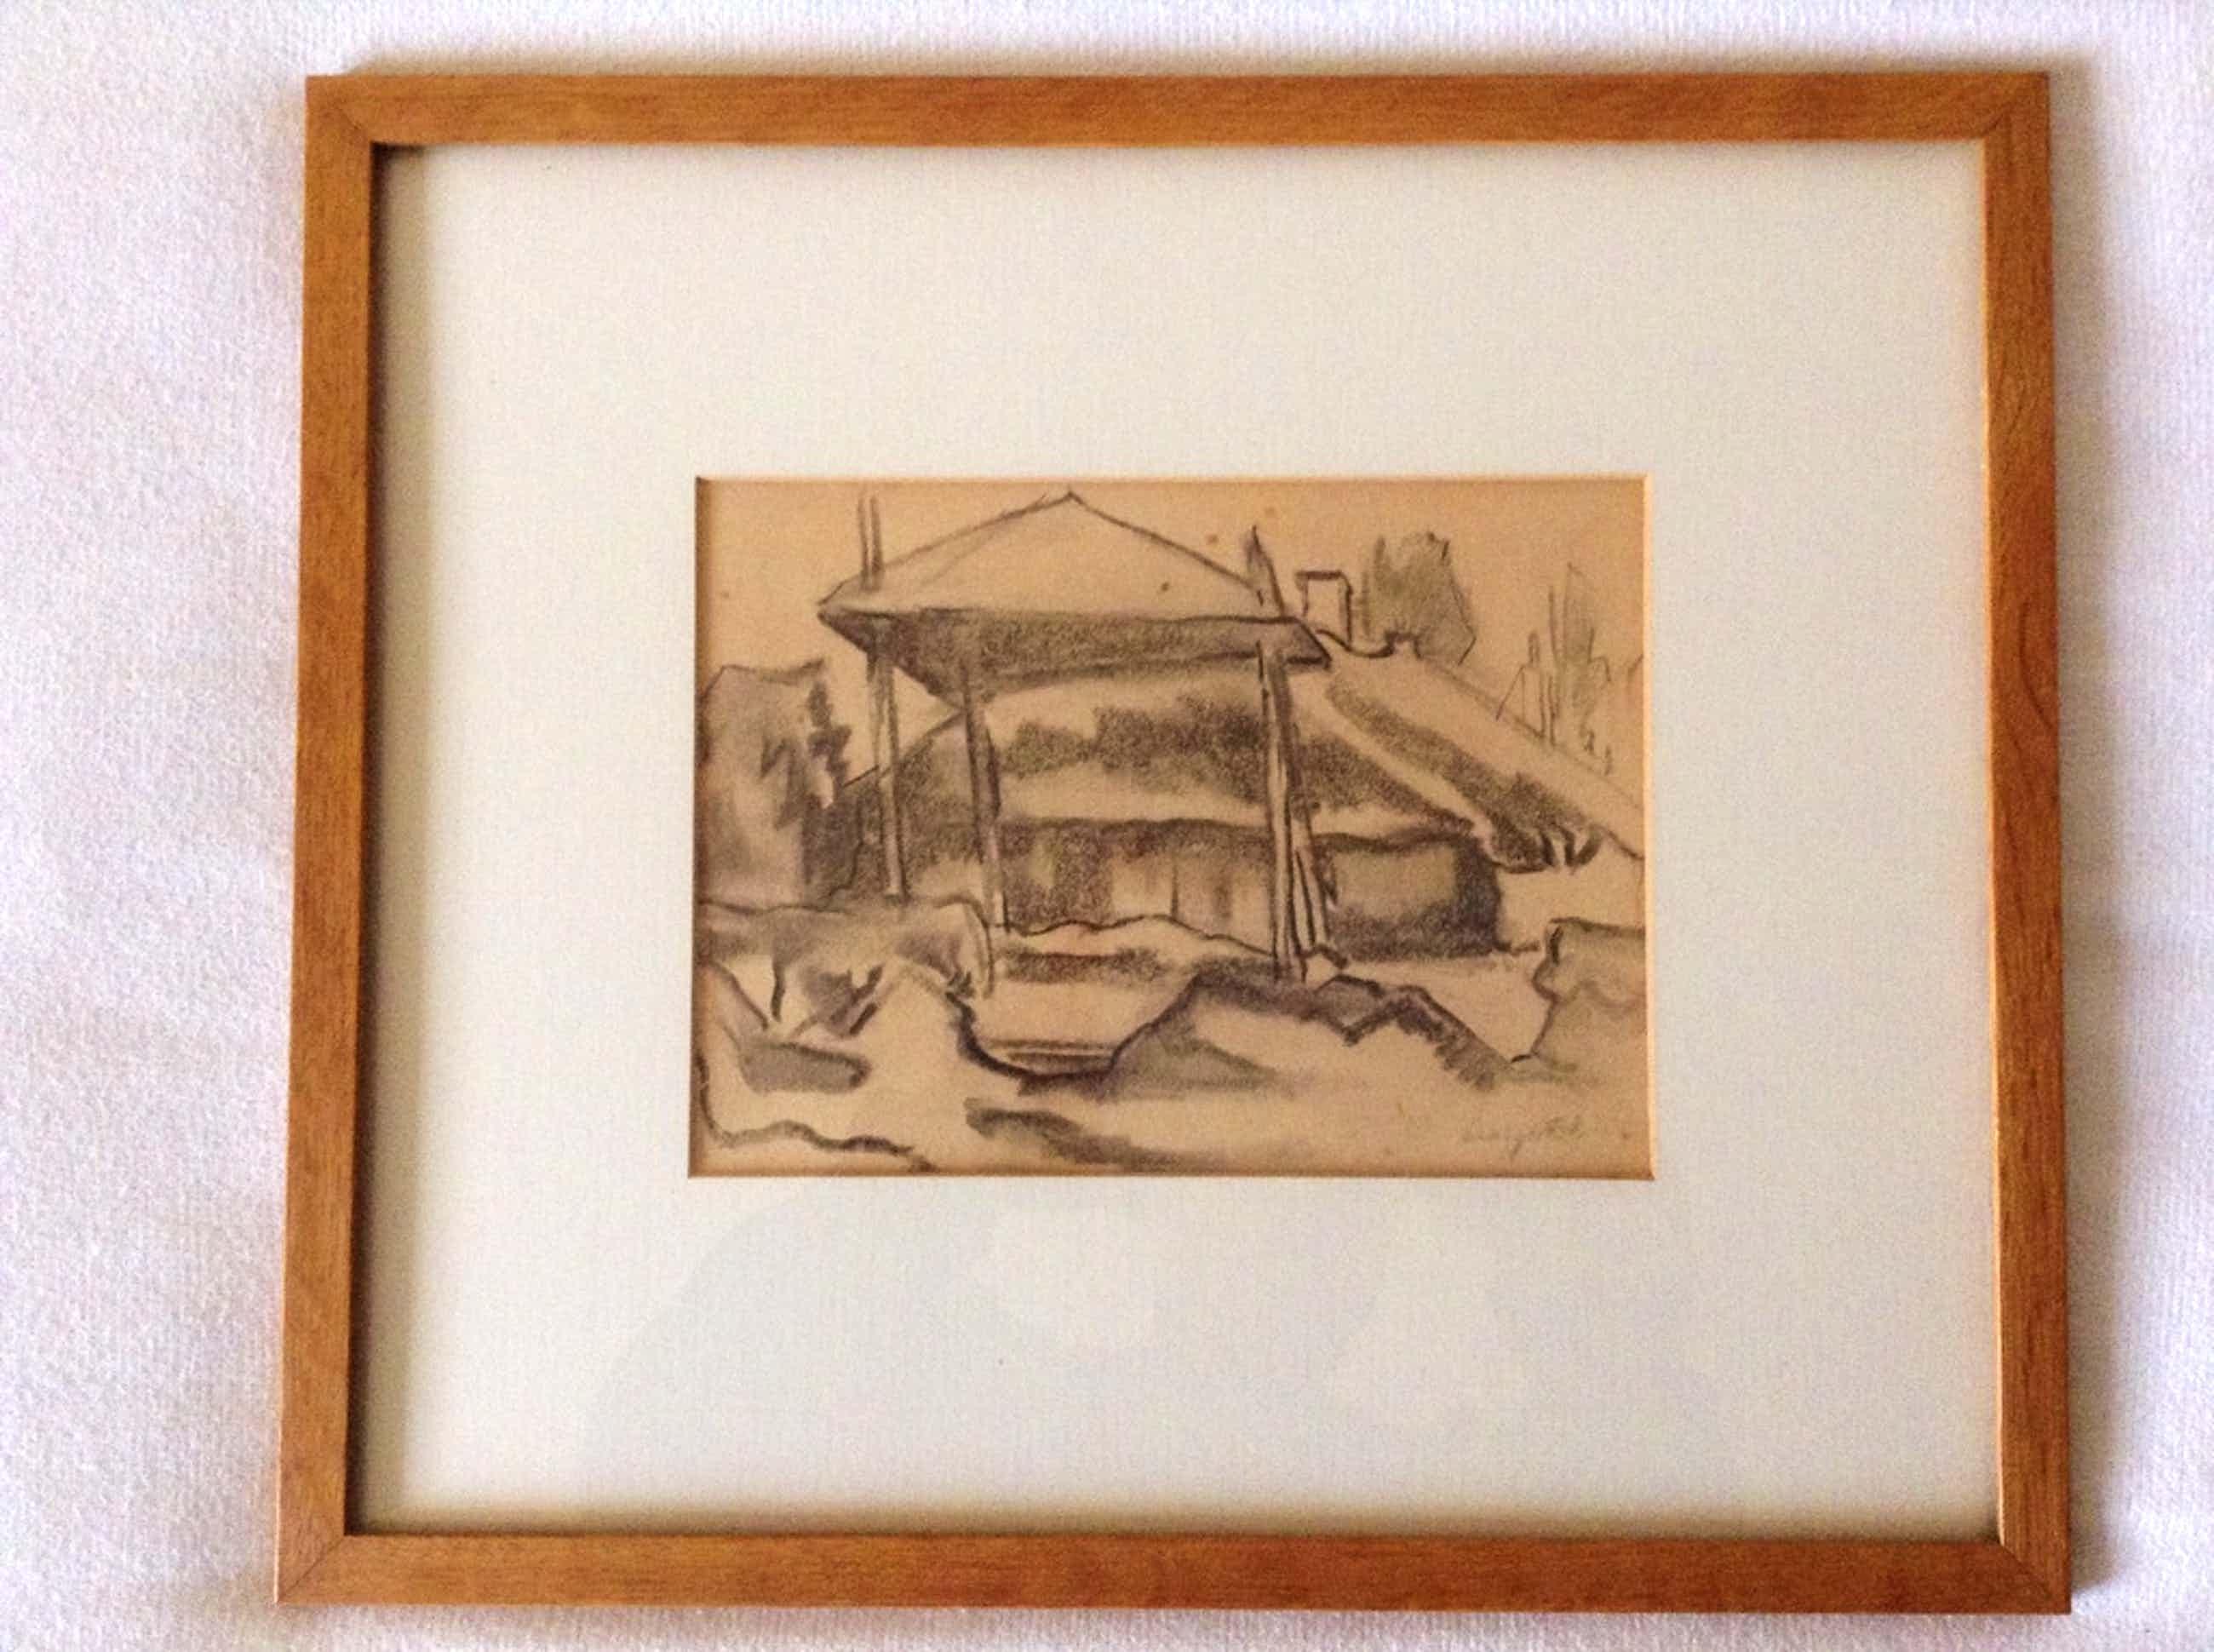 Boerderij Bergense school. Leo Gestel 1881-1941. Houtskool op papier 21x15 gesig kopen? Bied vanaf 100!